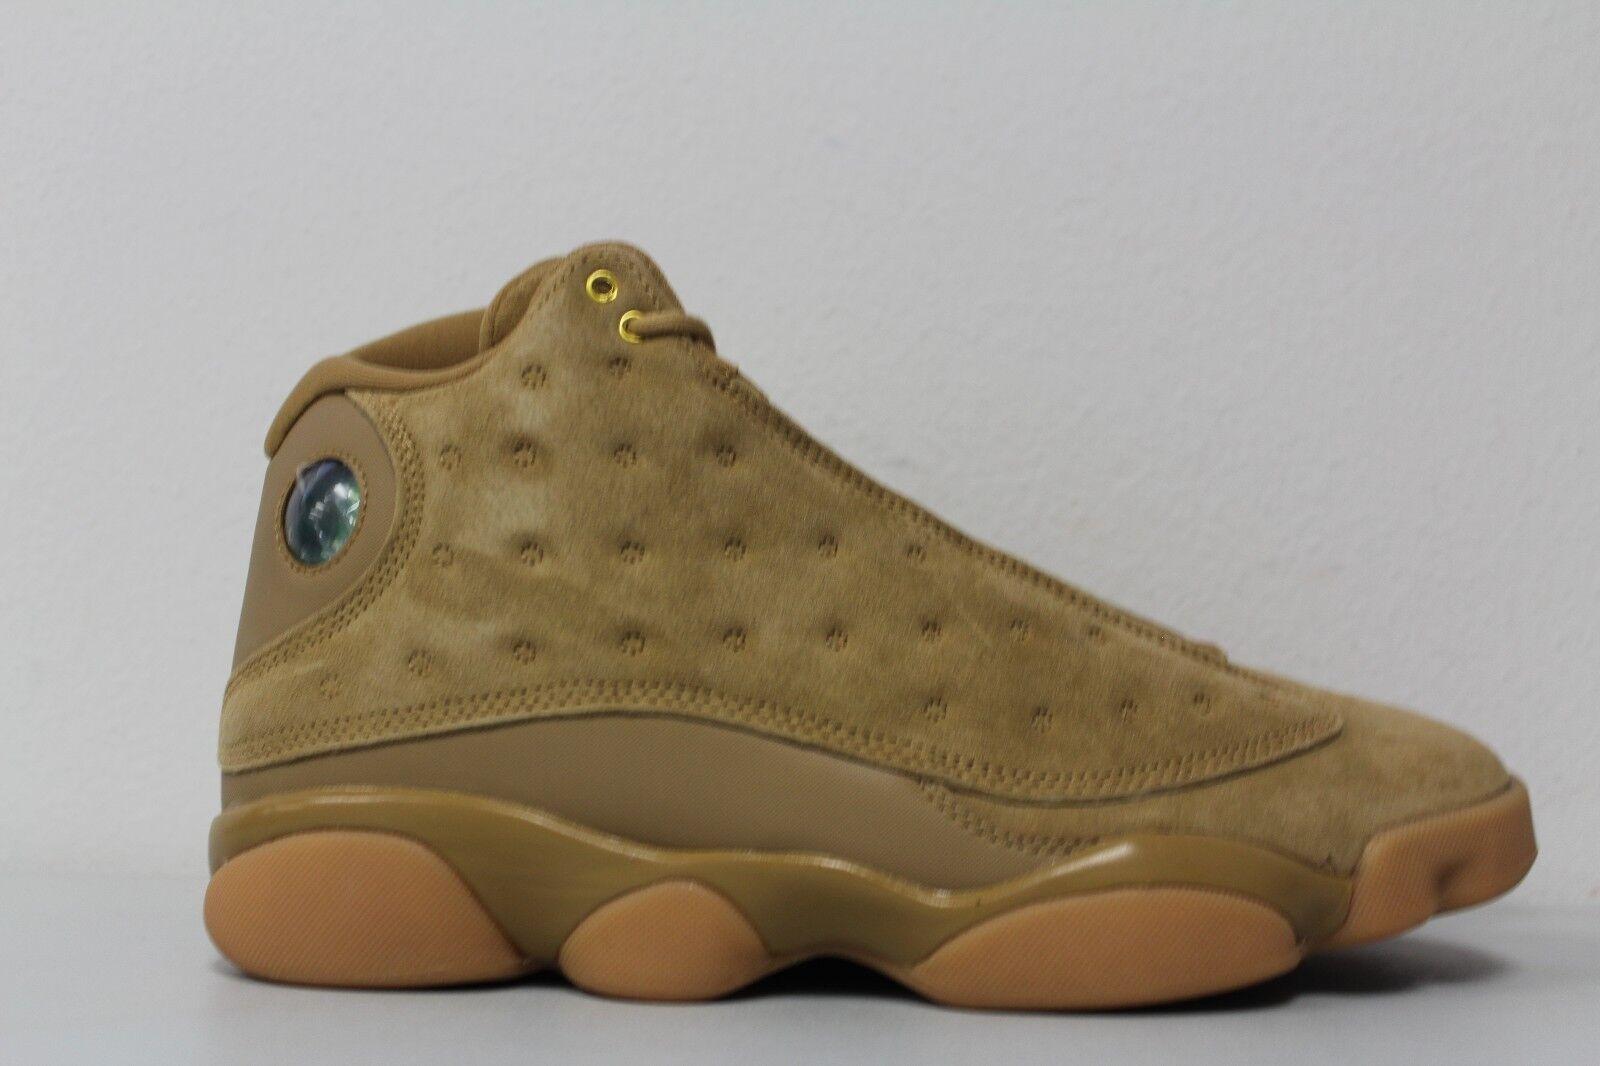 Nike Mens Air Jordan 13 Retro Wheat Element Gold Brown Flax 414571-705 Sz 11